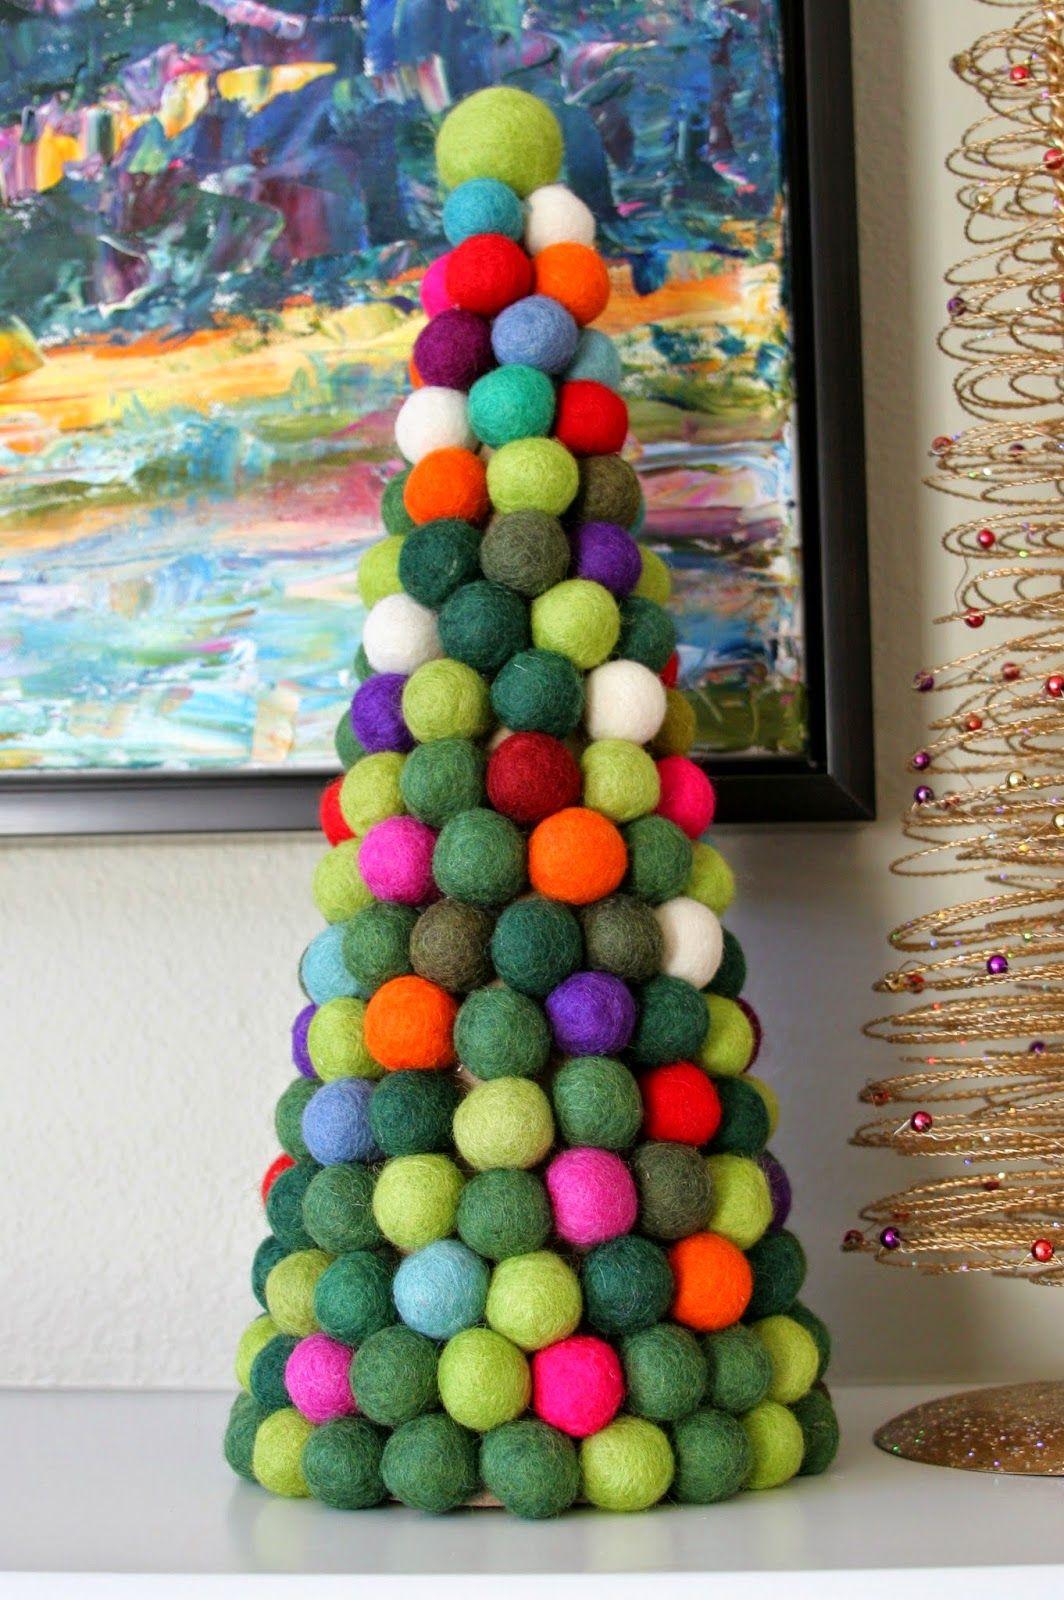 Without A Doubt A Pinterest Christmas Felt Ball Christmas Tree Felt Ball Crafts Recycled Christmas Tree Felt Christmas Decorations